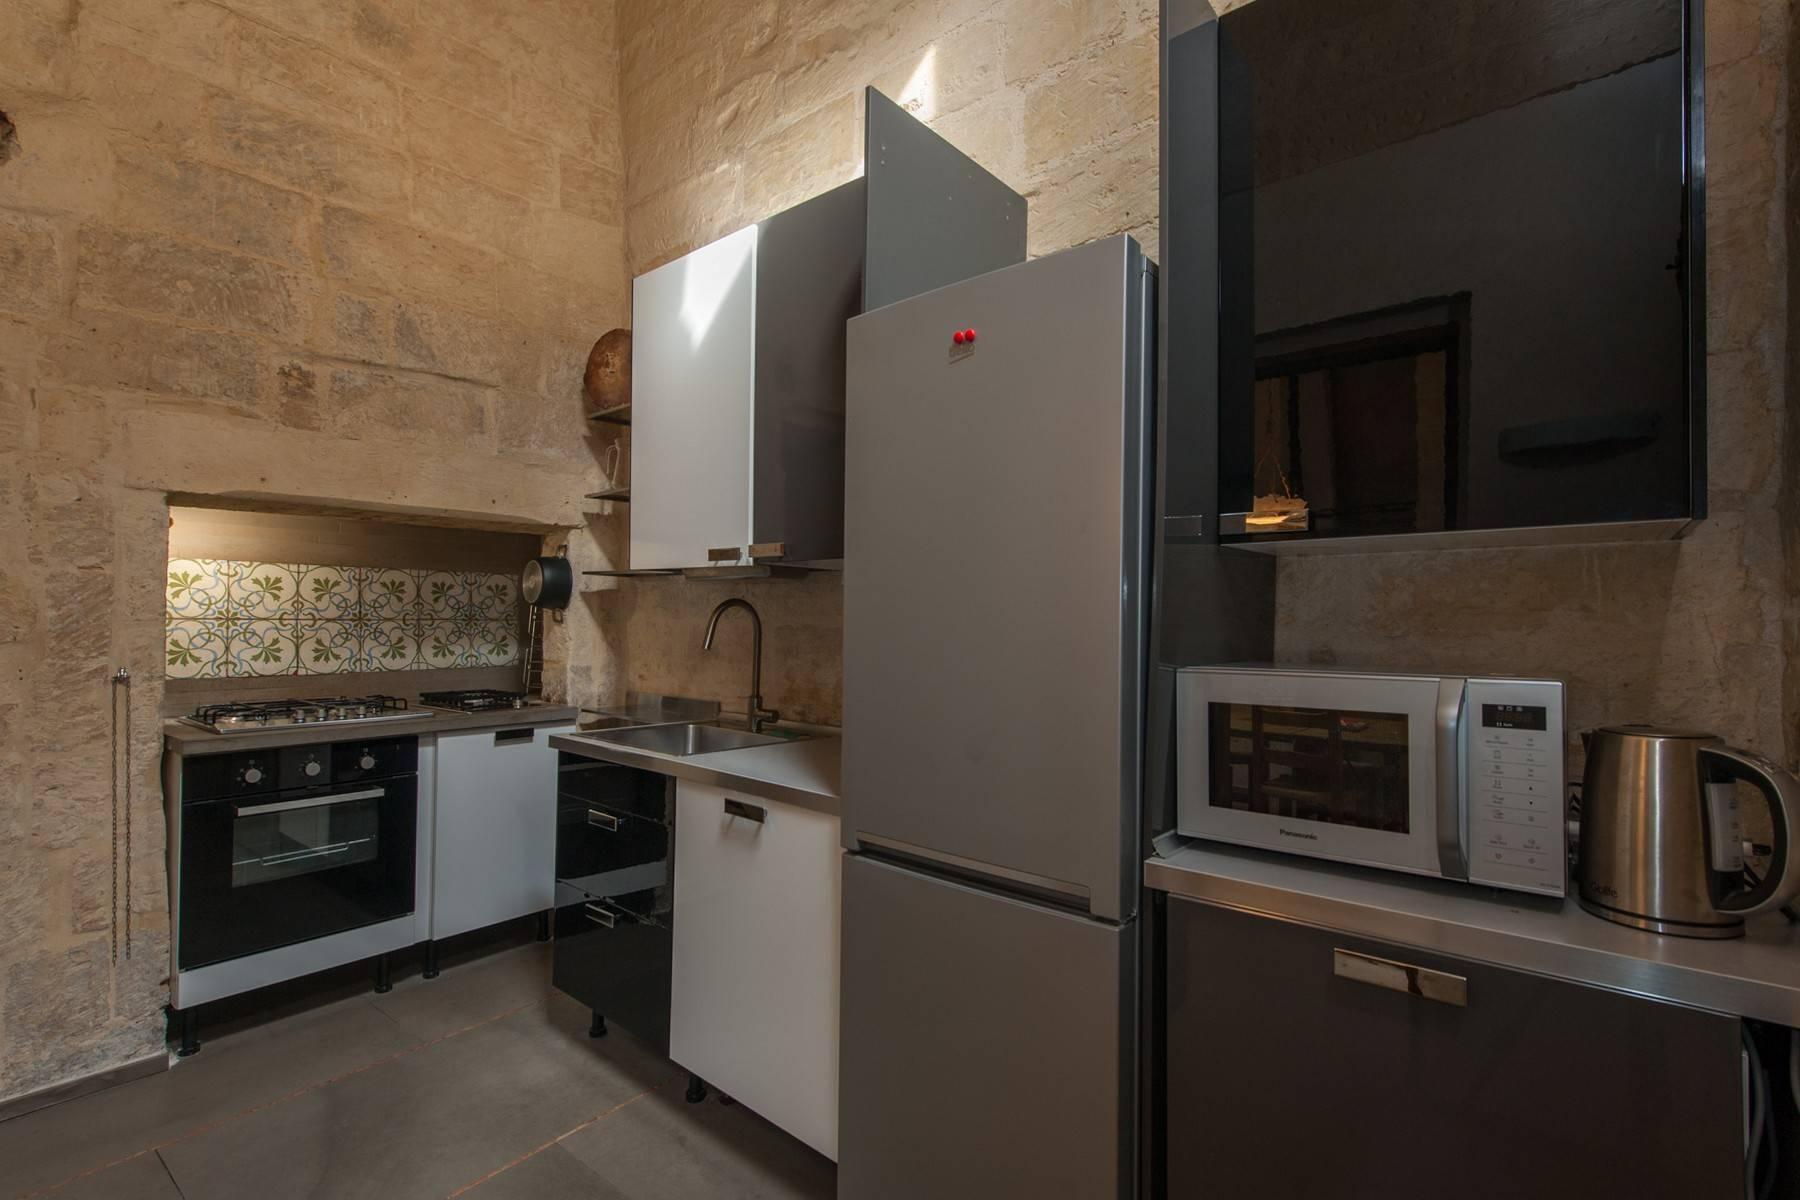 Casa indipendente in Vendita a Lecce: 5 locali, 180 mq - Foto 6